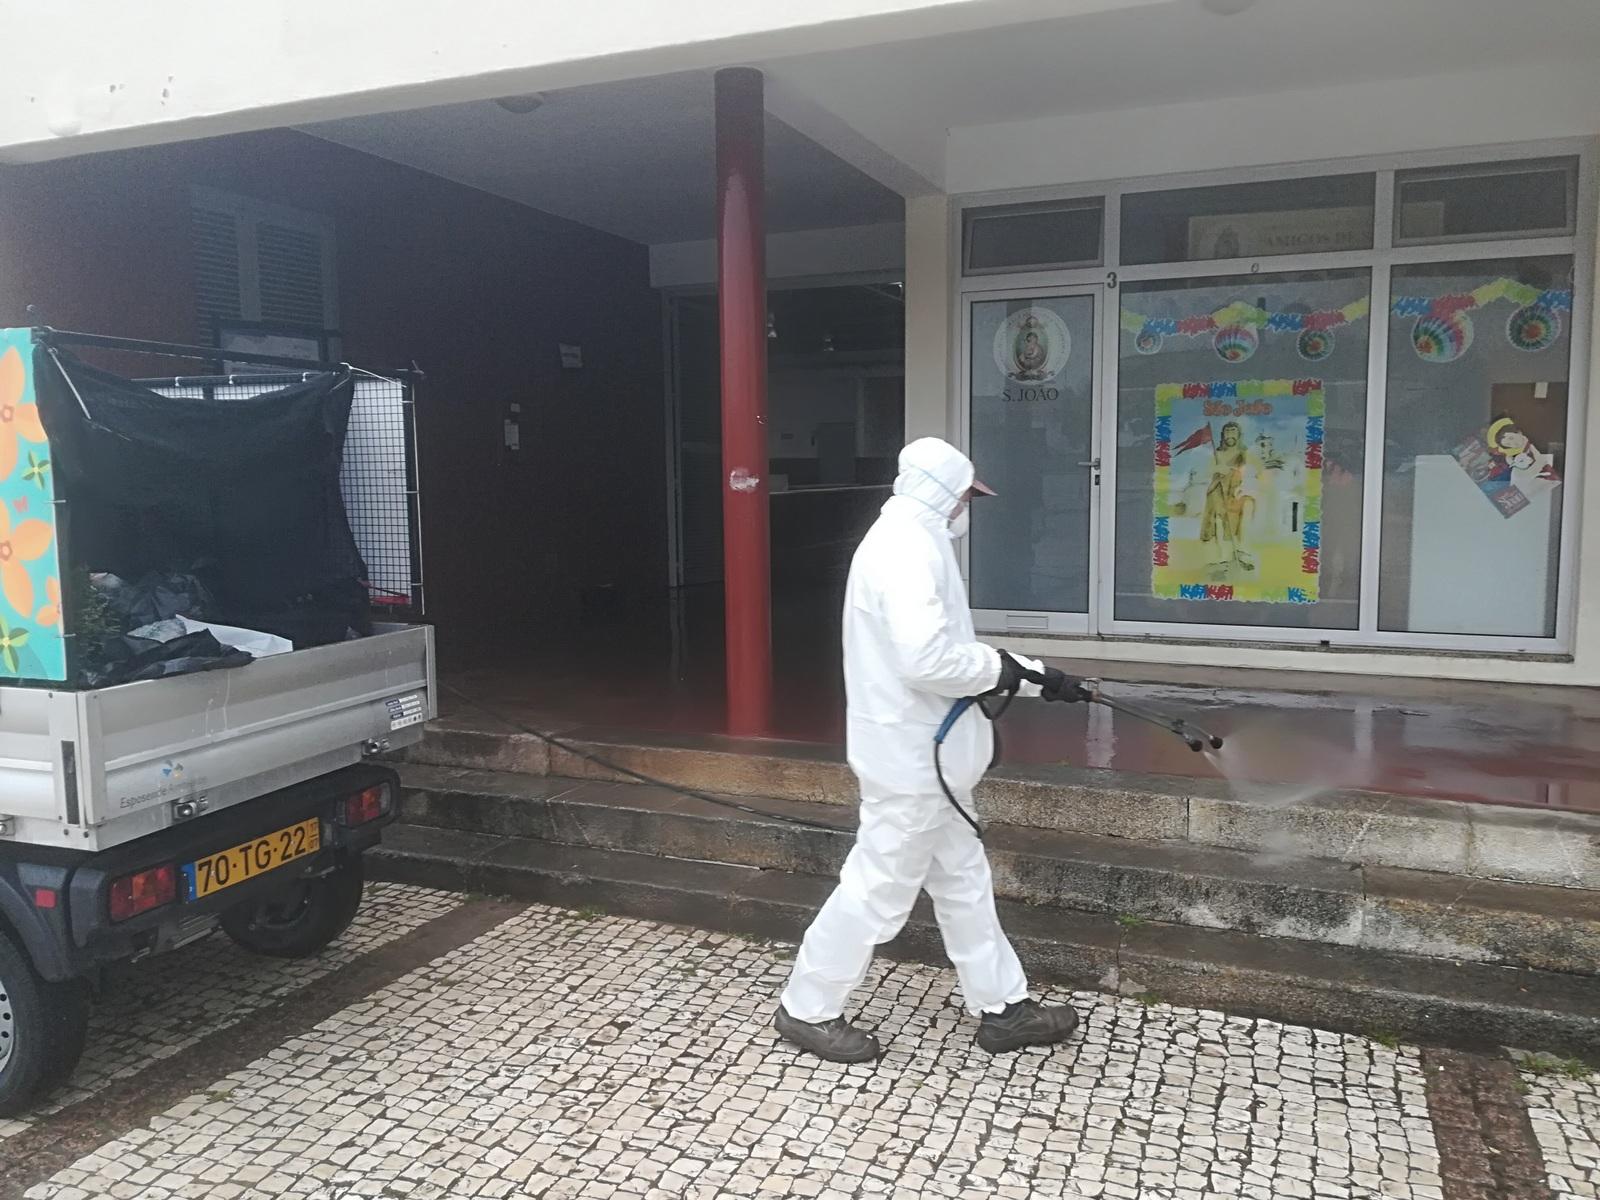 Esposende combate Covid-19 com lavagem e desinfecção de espaços públicos